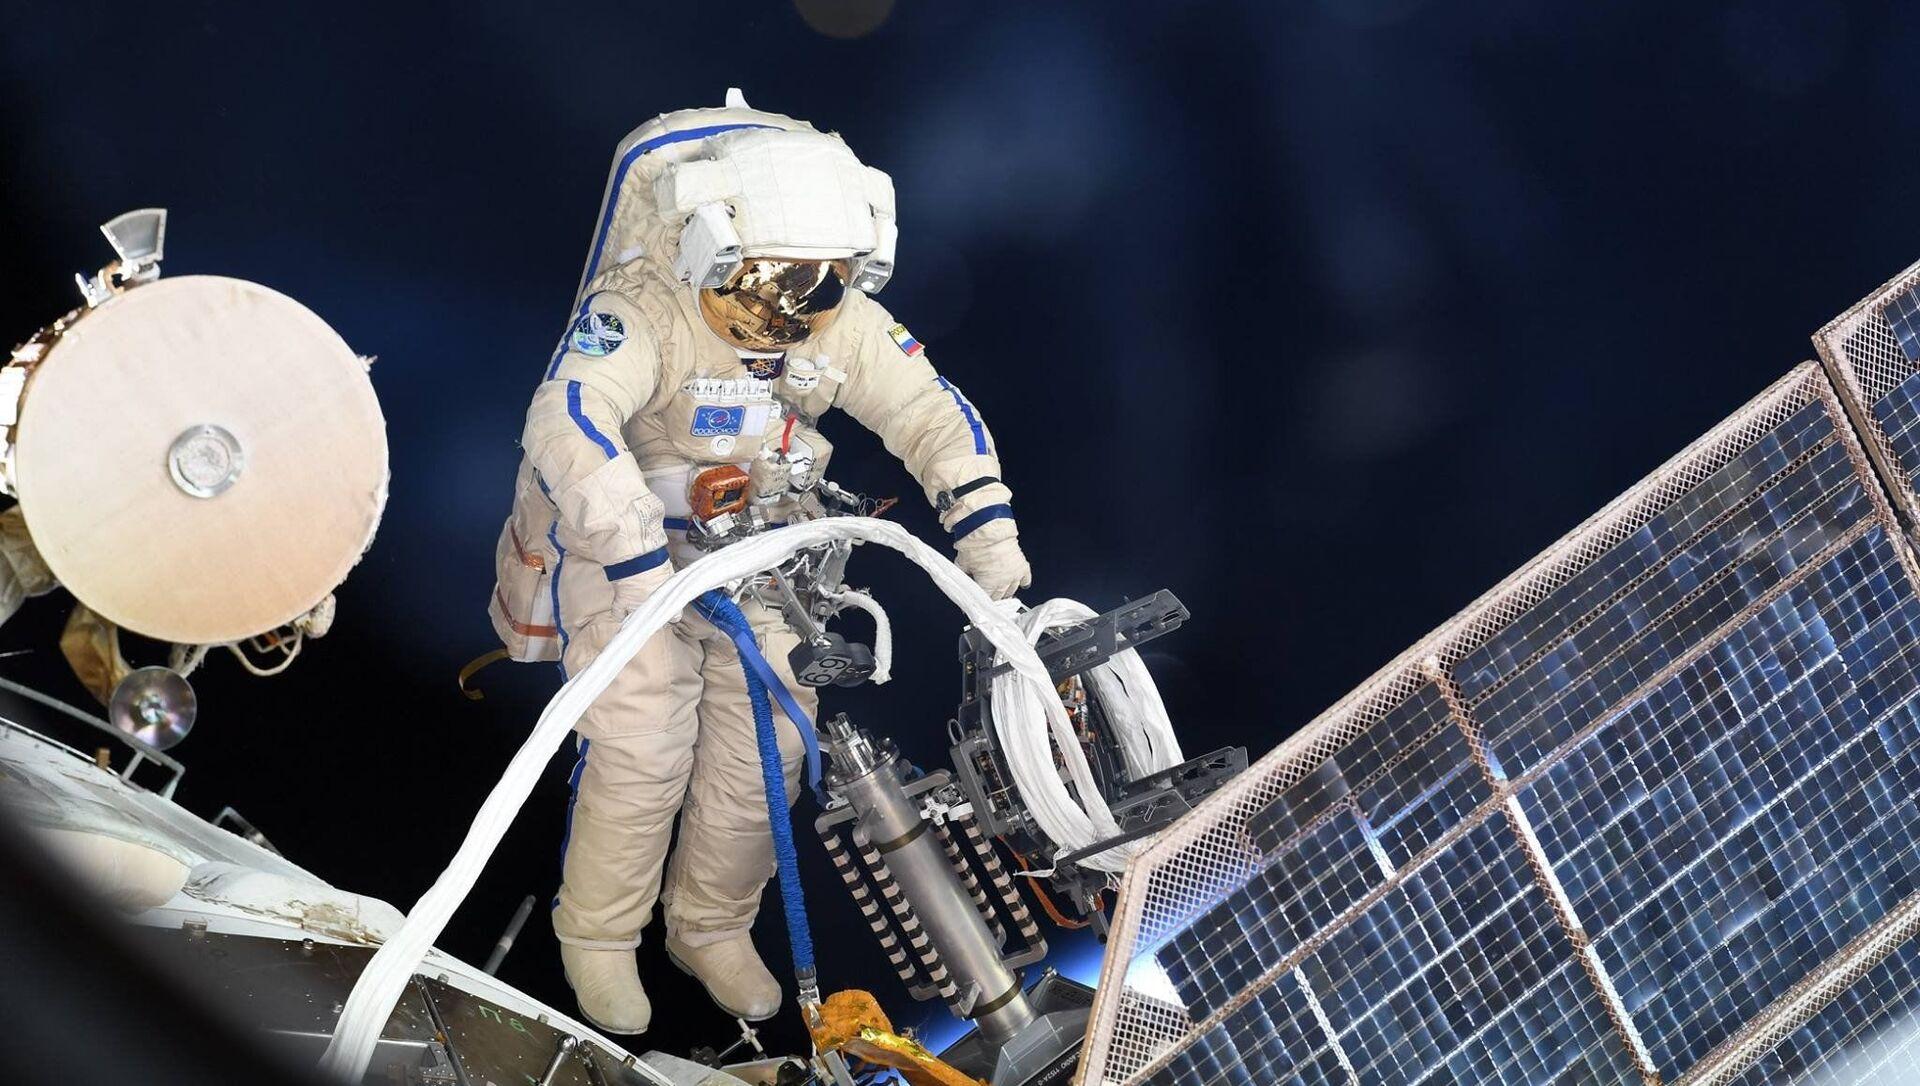 Astronauta russo nello spazio aperto - Sputnik Italia, 1920, 27.03.2021